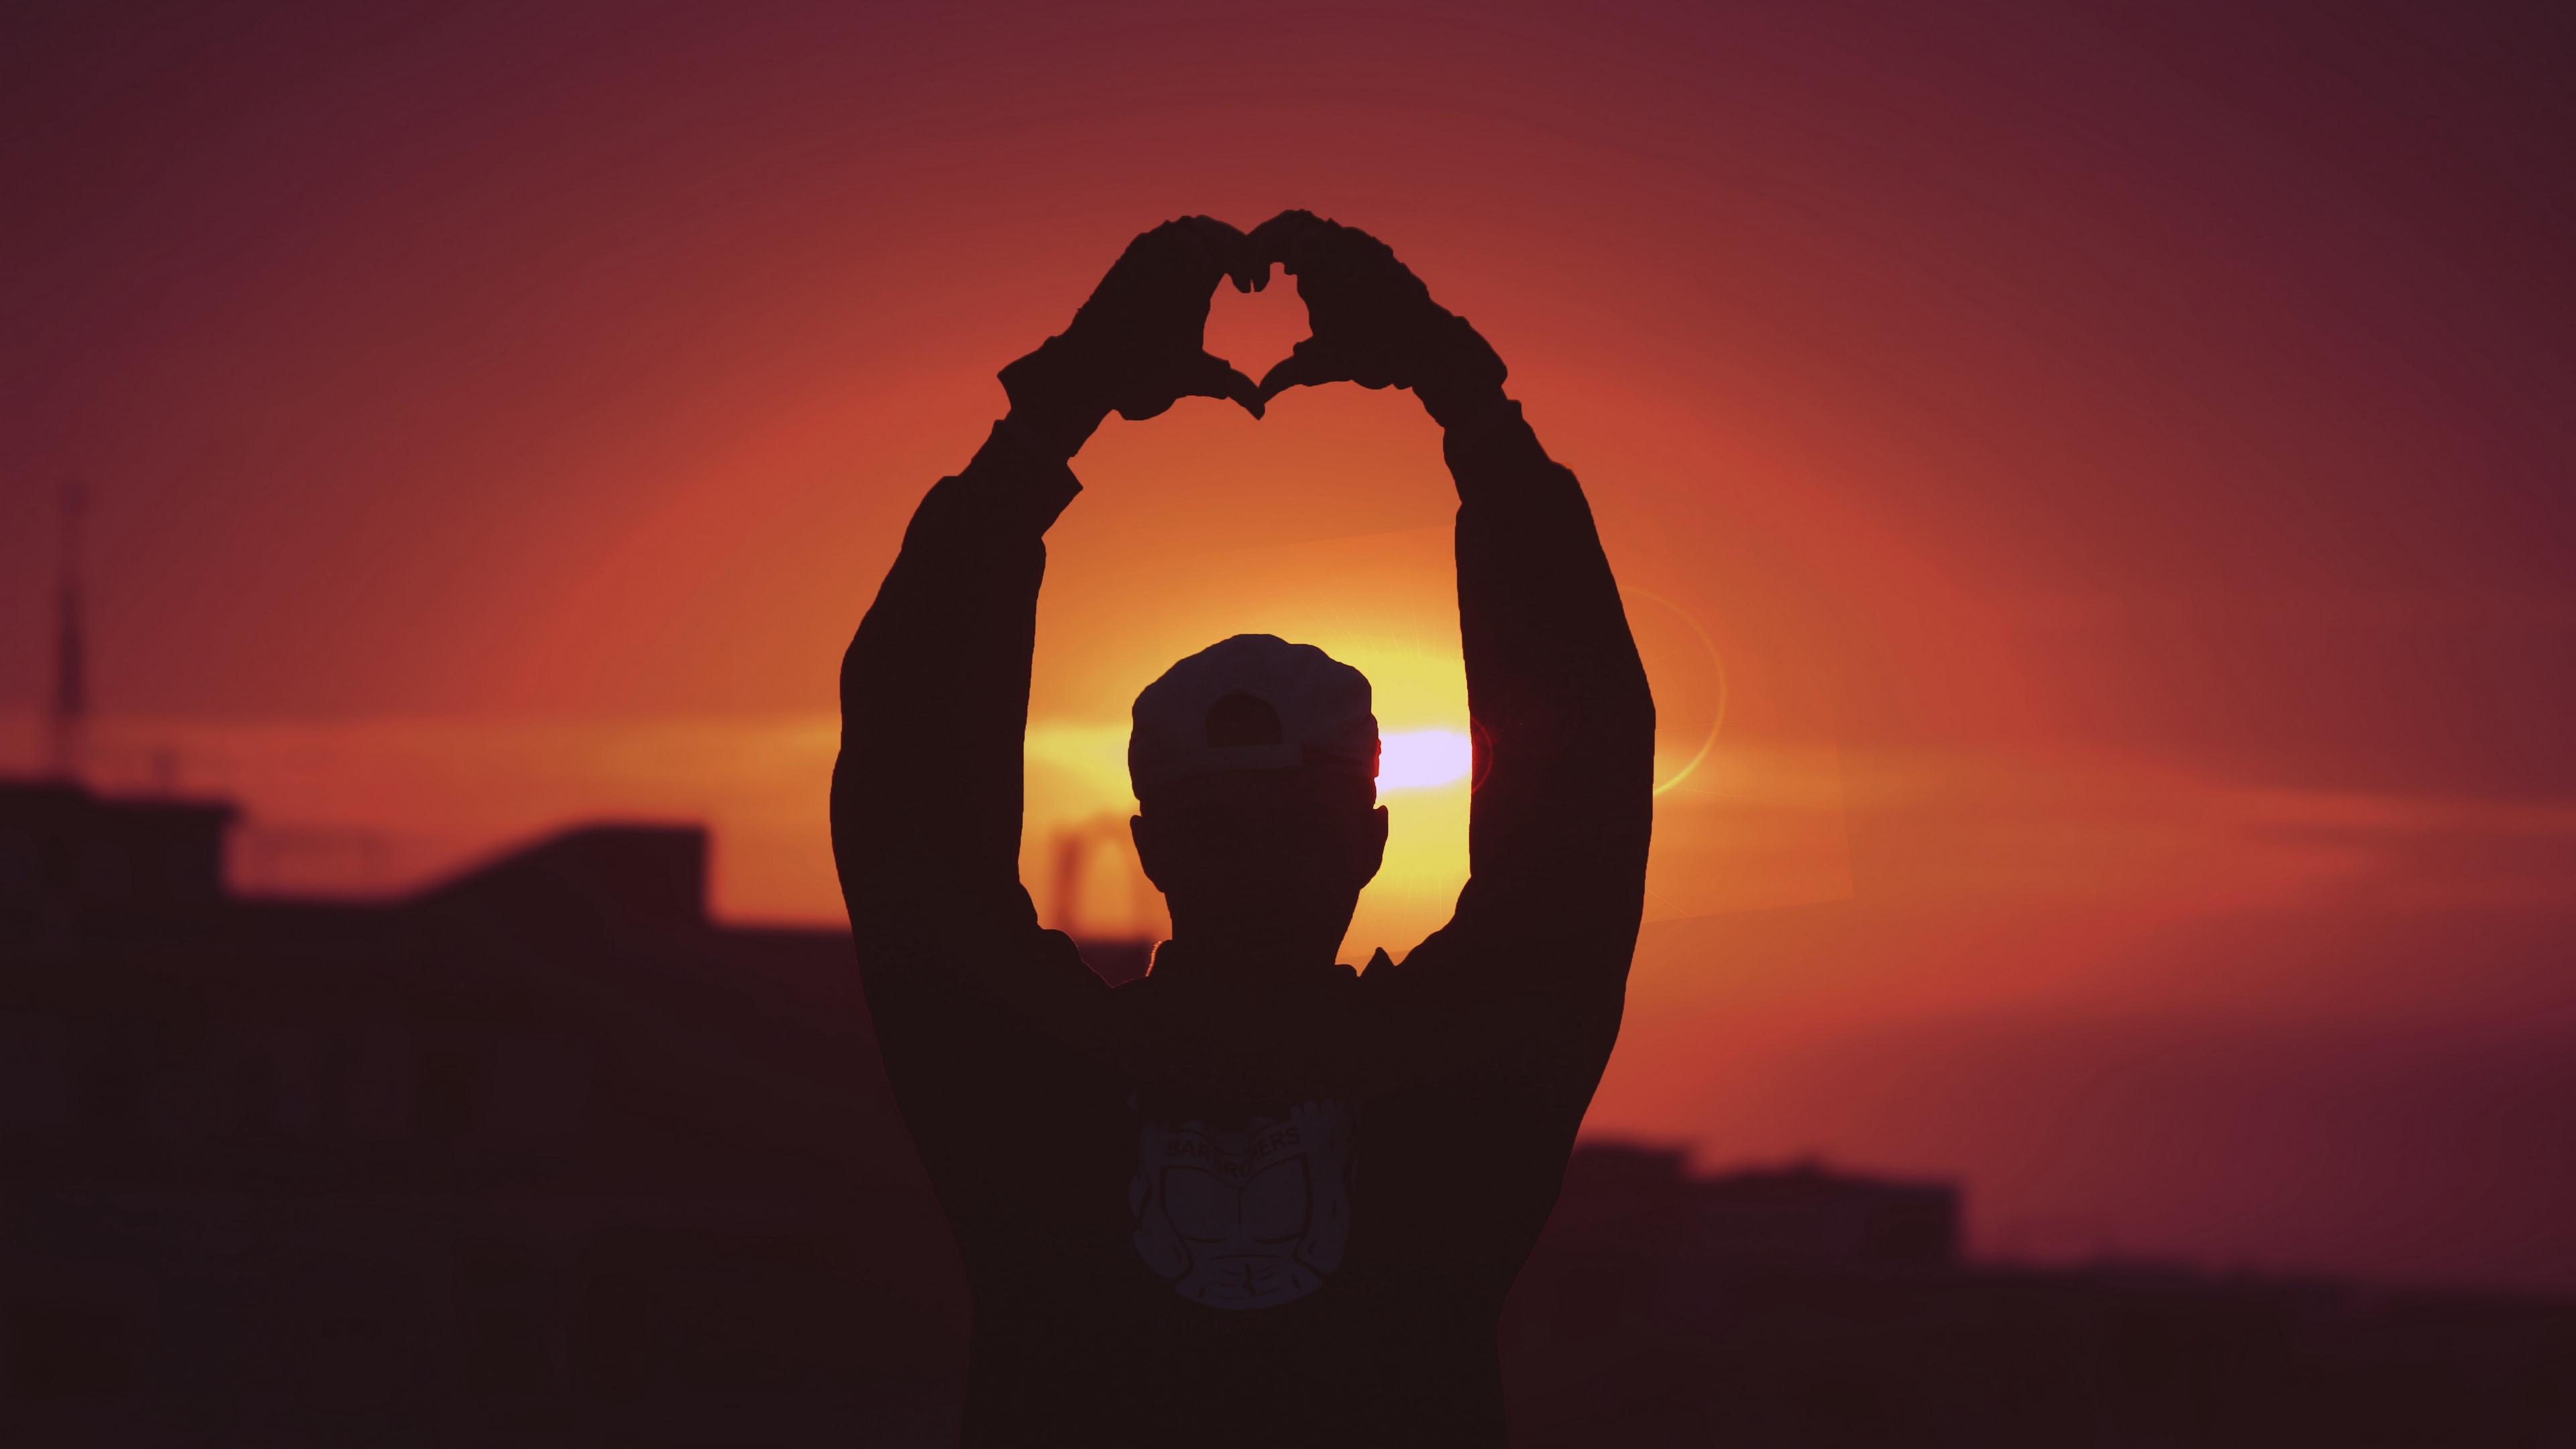 man silhouette heart sunset hands 4k 1540574890 - man, silhouette, heart, sunset, hands 4k - Silhouette, Man, Heart